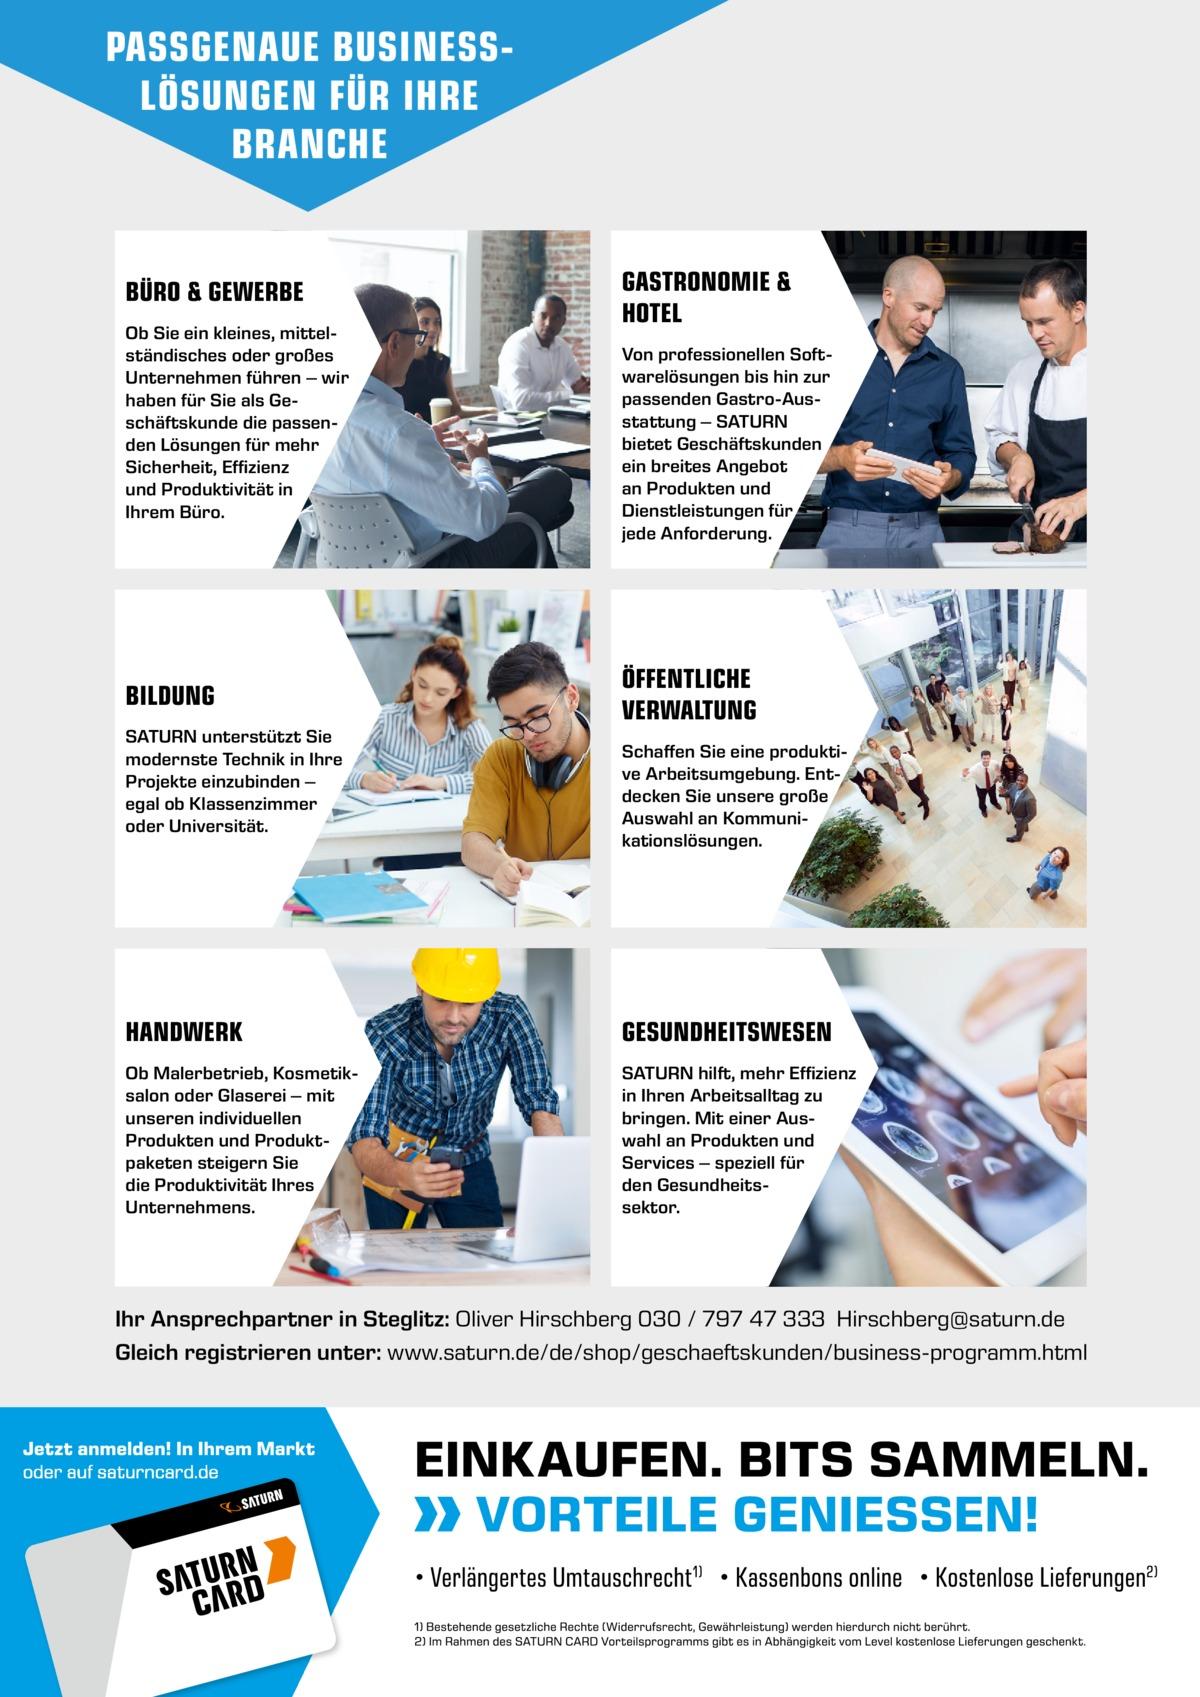 PASSGENAUE BUSINESSLÖSUNGEN FÜR IHRE BRANCHE  BÜRO & GEWERBE Ob Sie ein kleines, mittelständisches oder großes Unternehmen führen – wir haben für Sie als Geschäftskunde die passenden Lösungen für mehr Sicherheit, Effizienz und Produktivität in Ihrem Büro.  BILDUNG SATURN unterstützt Sie modernste Technik in Ihre Projekte einzubinden – egal ob Klassenzimmer oder Universität.  GASTRONOMIE & HOTEL Von professionellen Softwarelösungen bis hin zur passenden Gastro-Ausstattung – SATURN bietet Geschäftskunden ein breites Angebot an Produkten und Dienstleistungen für jede Anforderung.  ÖFFENTLICHE VERWALTUNG Schaffen Sie eine produktive Arbeitsumgebung. Entdecken Sie unsere große Auswahl an Kommunikationslösungen.  HANDWERK  GESUNDHEITSWESEN  Ob Malerbetrieb, Kosmetiksalon oder Glaserei – mit unseren individuellen Produkten und Produktpaketen steigern Sie die Produktivität Ihres Unternehmens.  SATURN hilft, mehr Effizienz in Ihren Arbeitsalltag zu bringen. Mit einer Auswahl an Produkten und Services – speziell für den Gesundheitssektor.  Ihr Ansprechpartner in Steglitz: Oliver Hirschberg 030 / 797 47 333 Hirschberg@saturn.de Gleich registrieren unter: www.saturn.de/de/shop/geschaeftskunden/business-programm.html